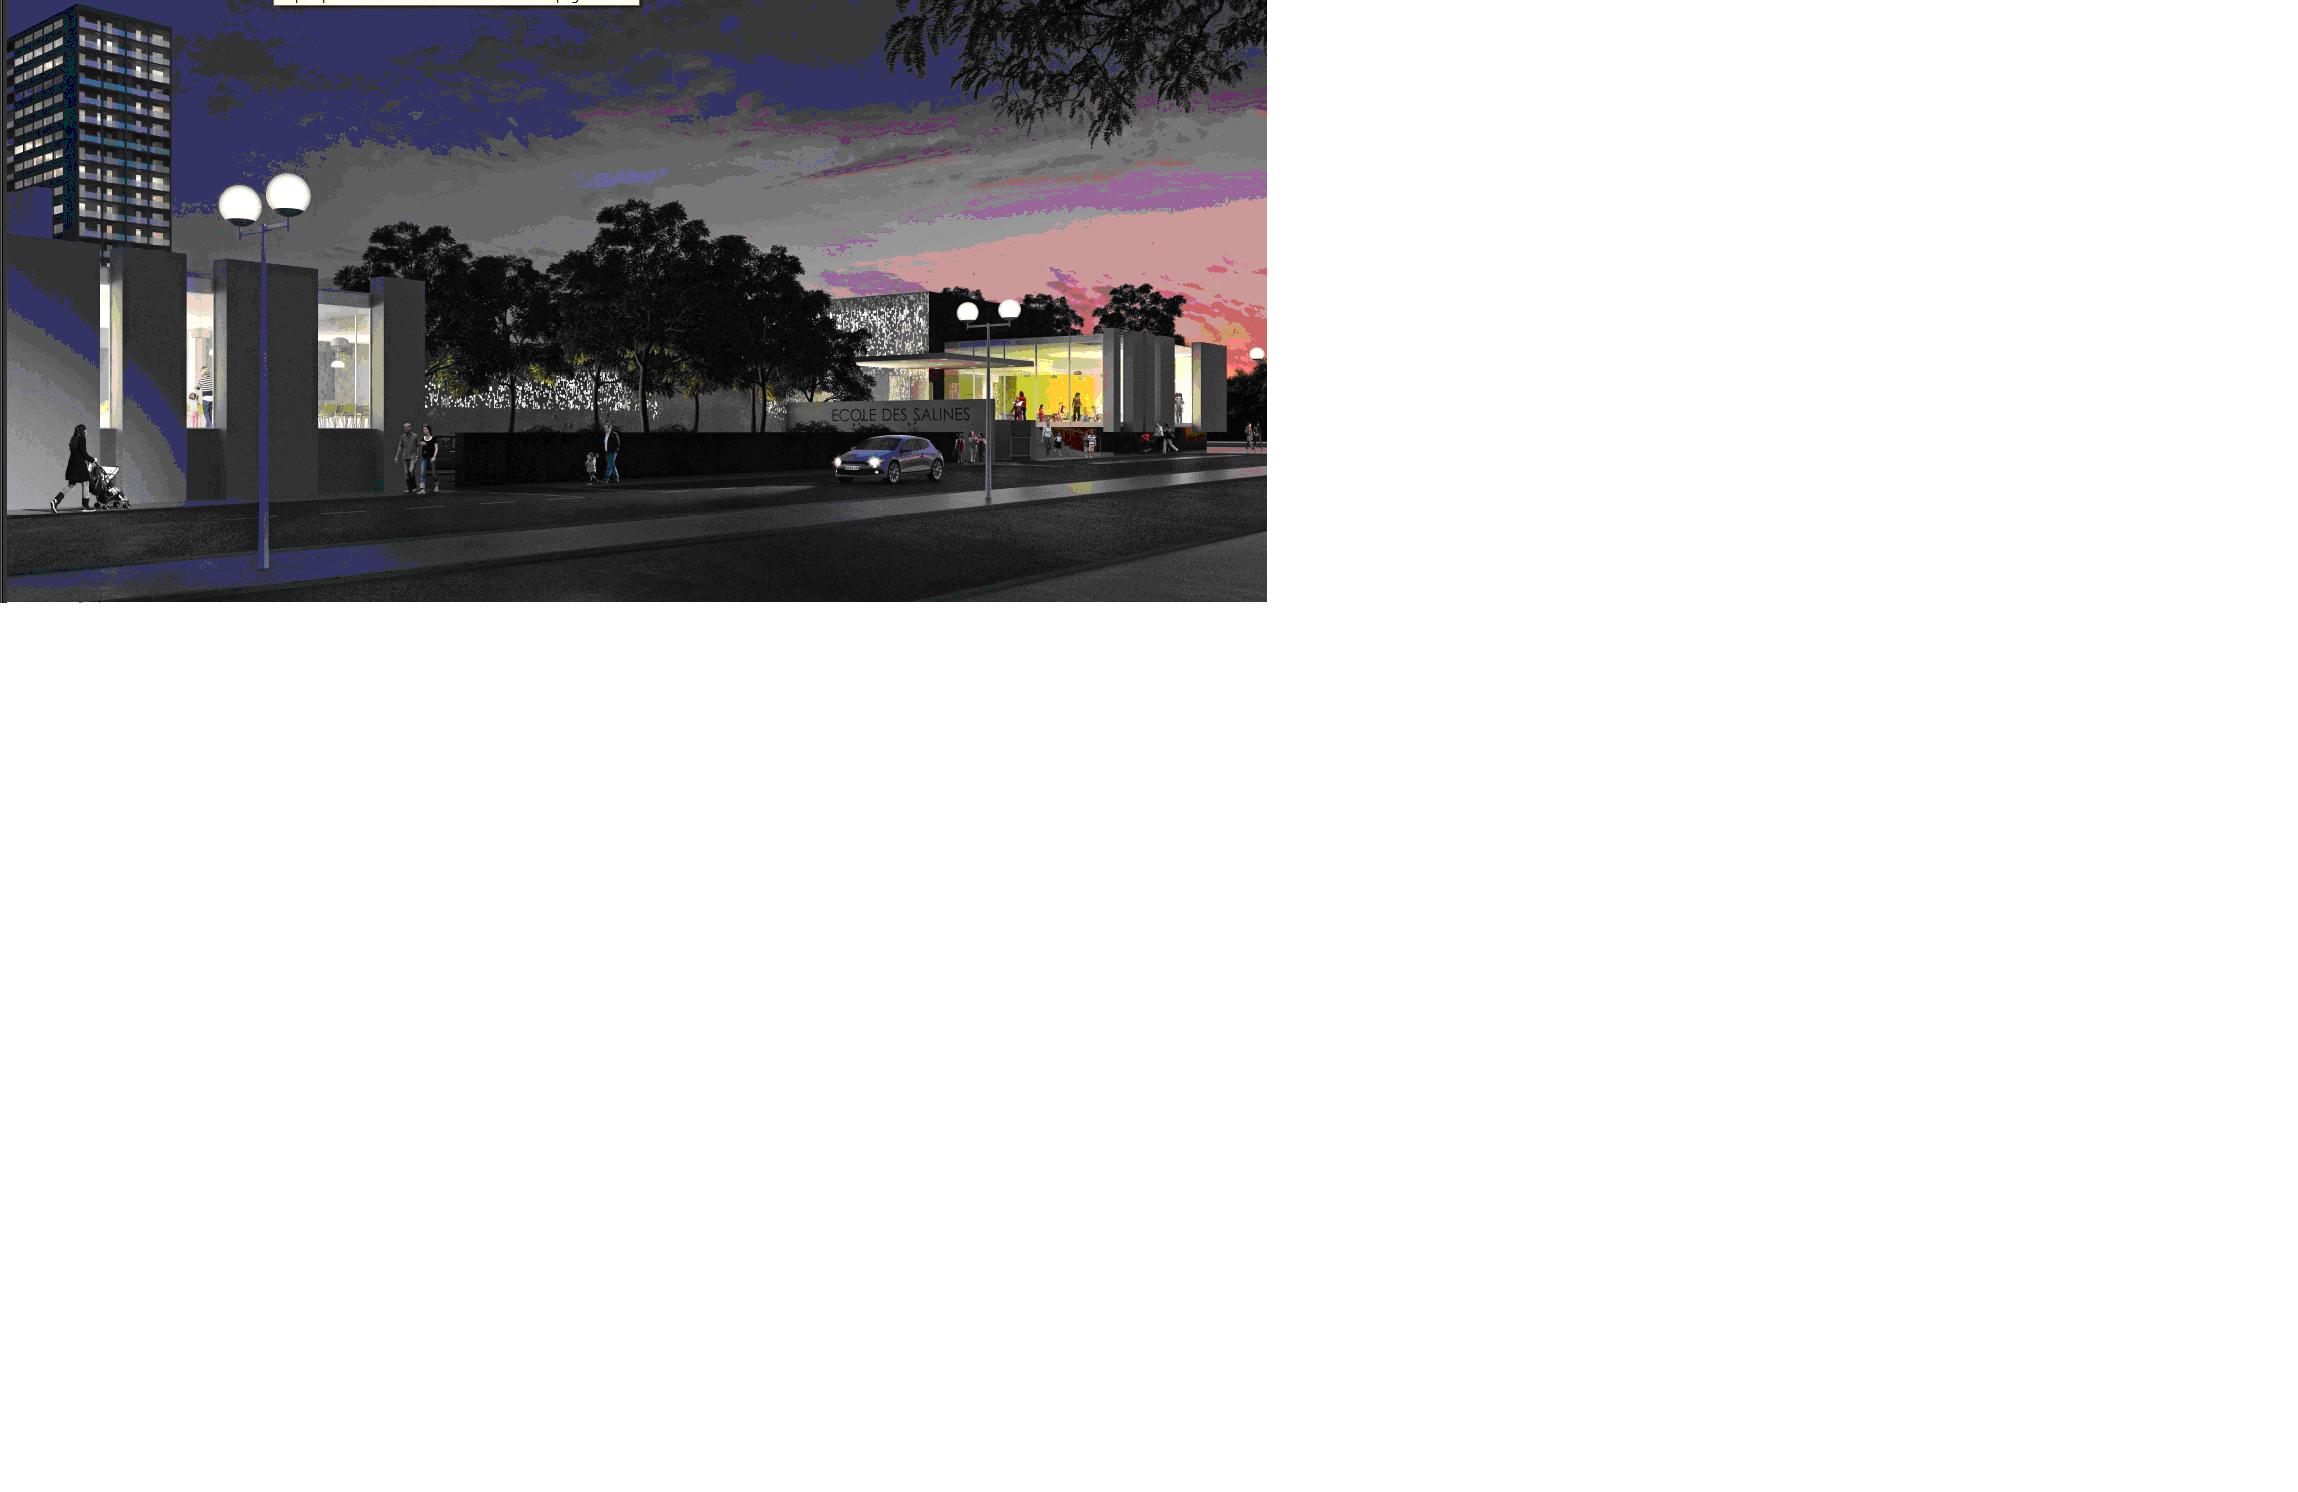 La mise en service de ce bâtiment permettra d'envisager ensuite la démolition de l'école Salines V (prévue en 2018) autorisant à son tour l'aménagement de l'espace dégagé et la mise en valeur du centre commercial des Salines (étude de valorisation en partenariat avec les copropriétaires votées lors du Conseil Municipal de septembre 2015).